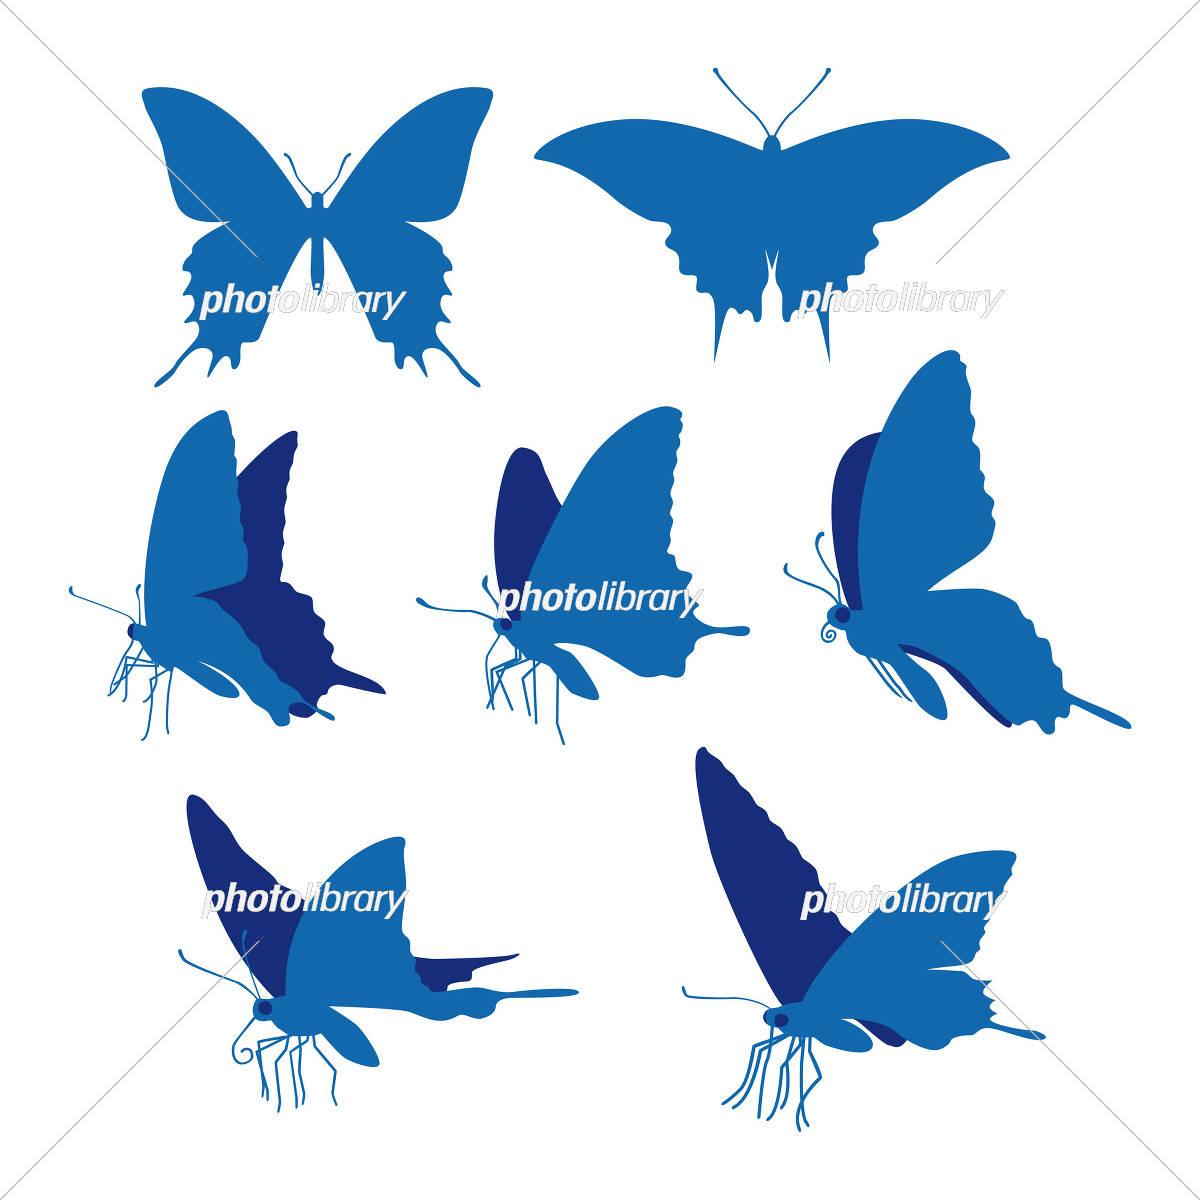 アゲハ蝶のシルエットイラスト イラスト素材 [ 5502791 ] - フォトライブ